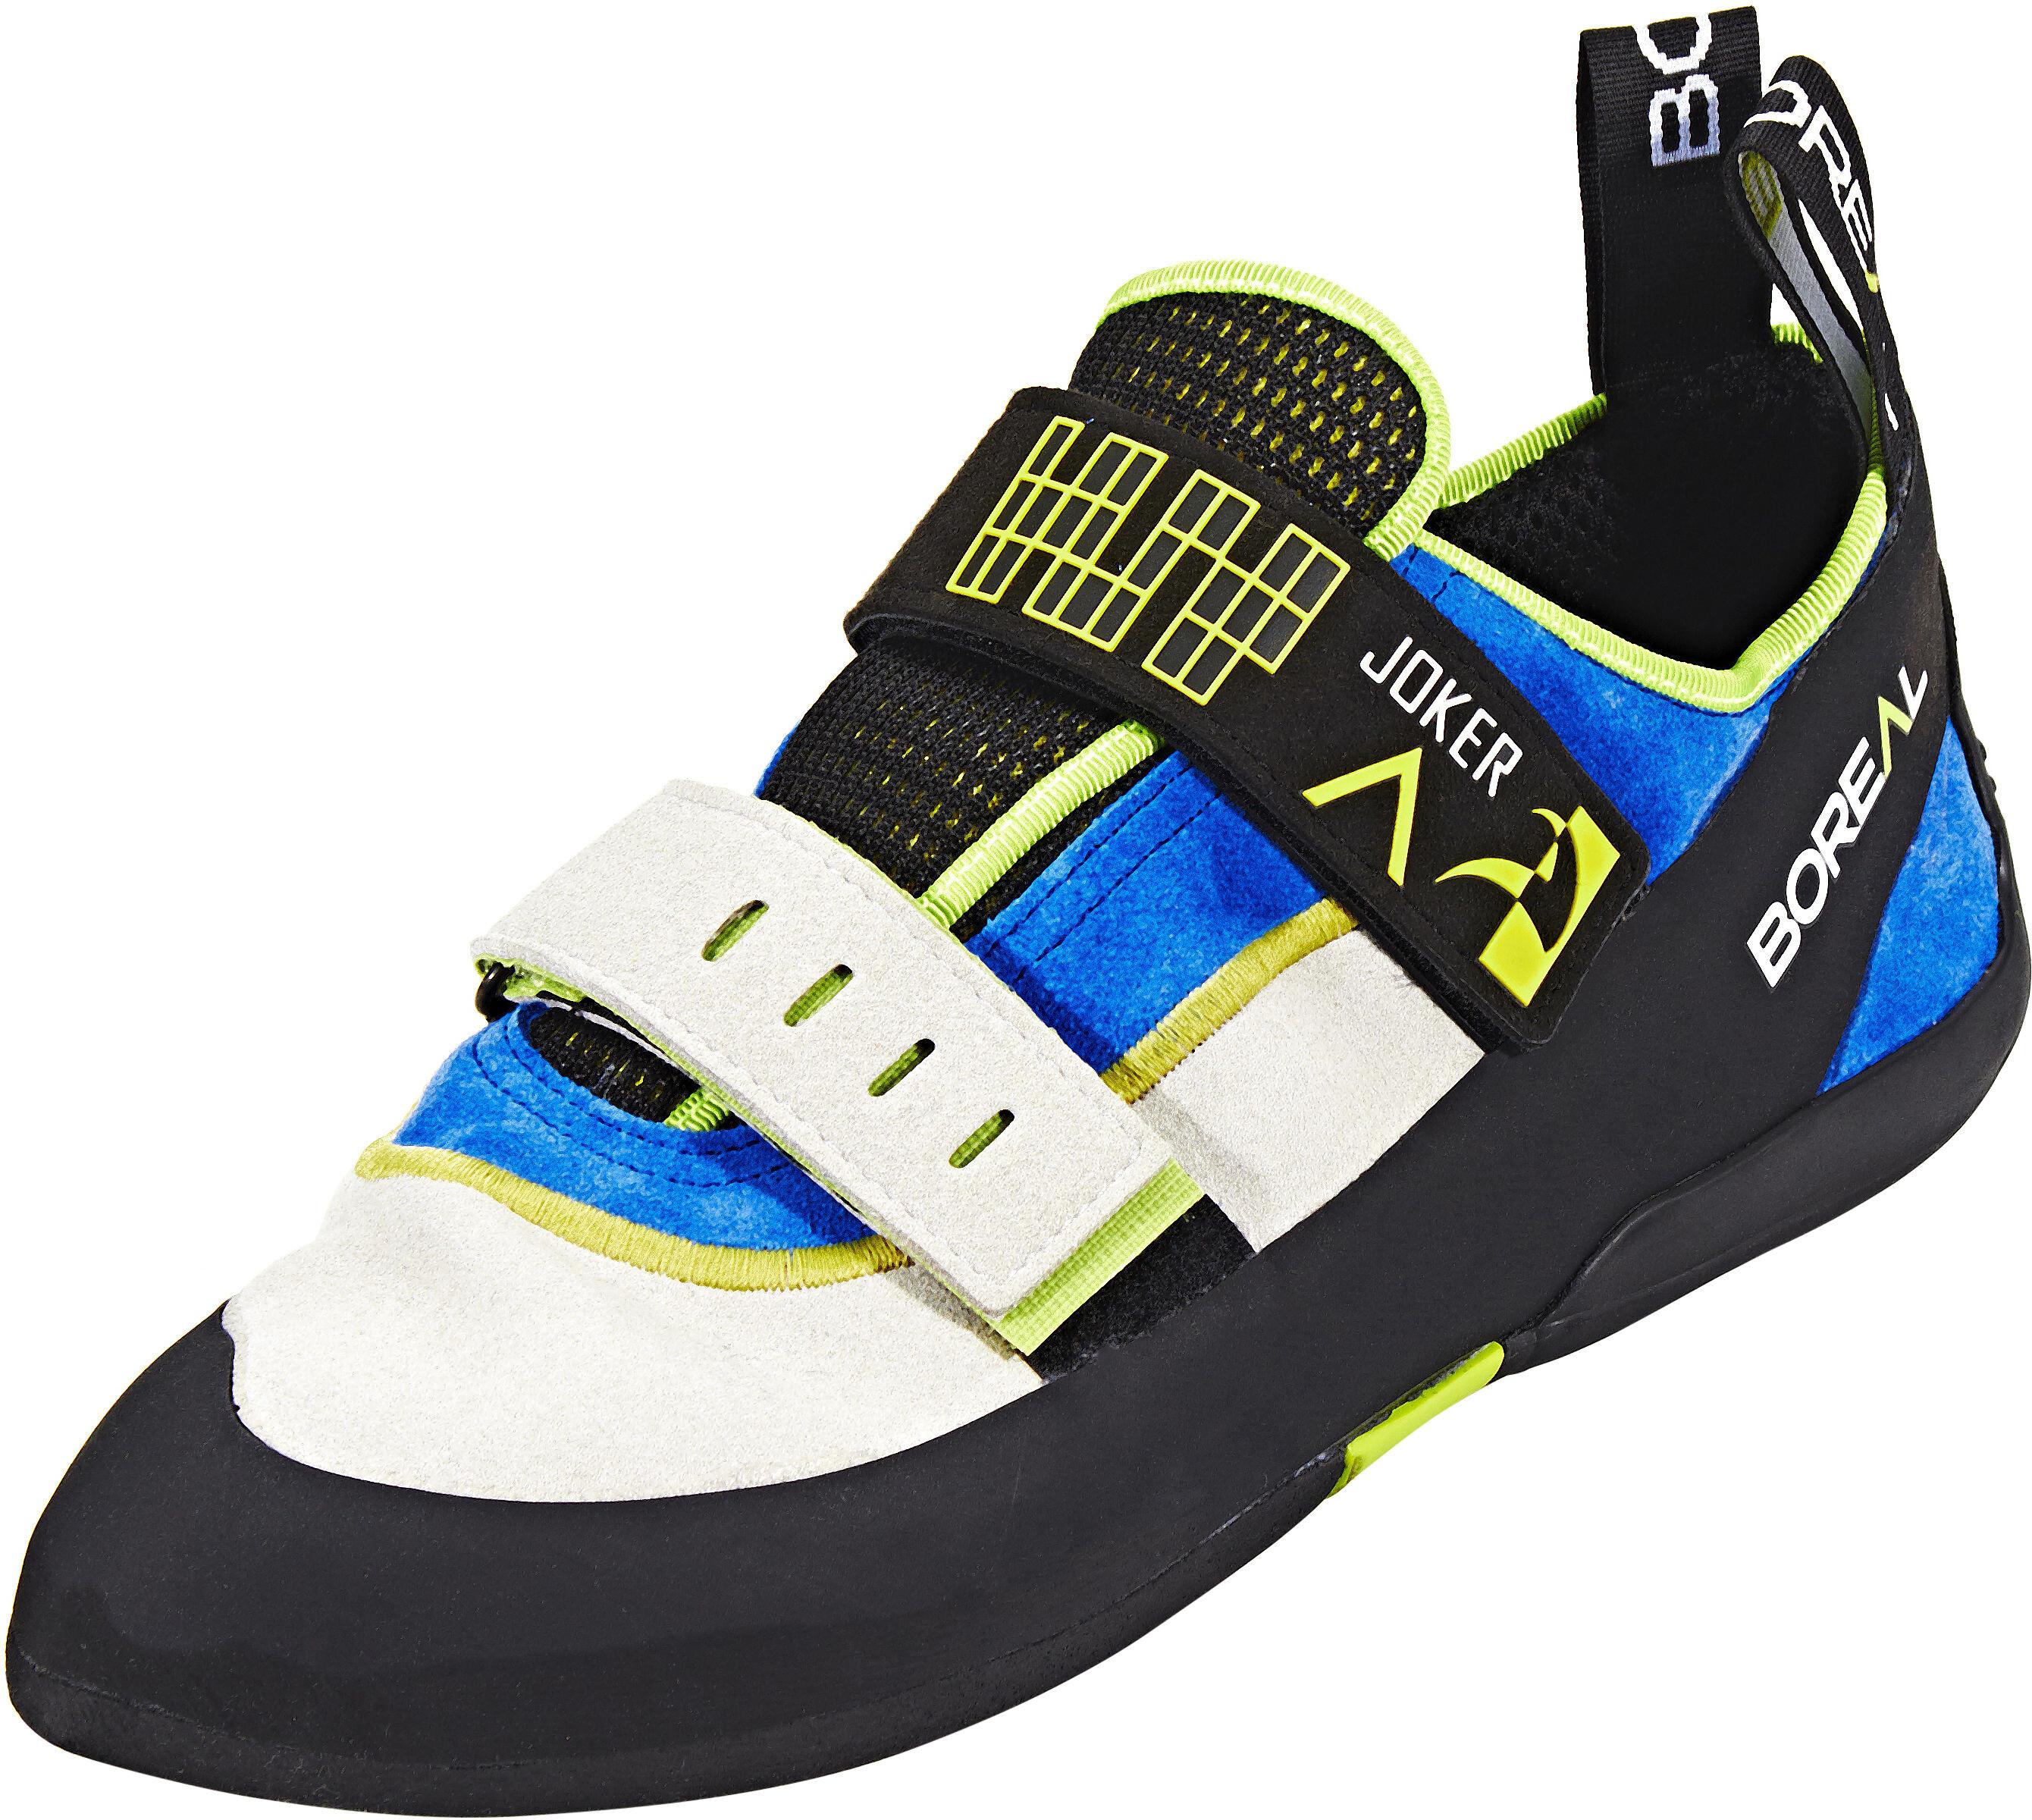 Joker Schuhe